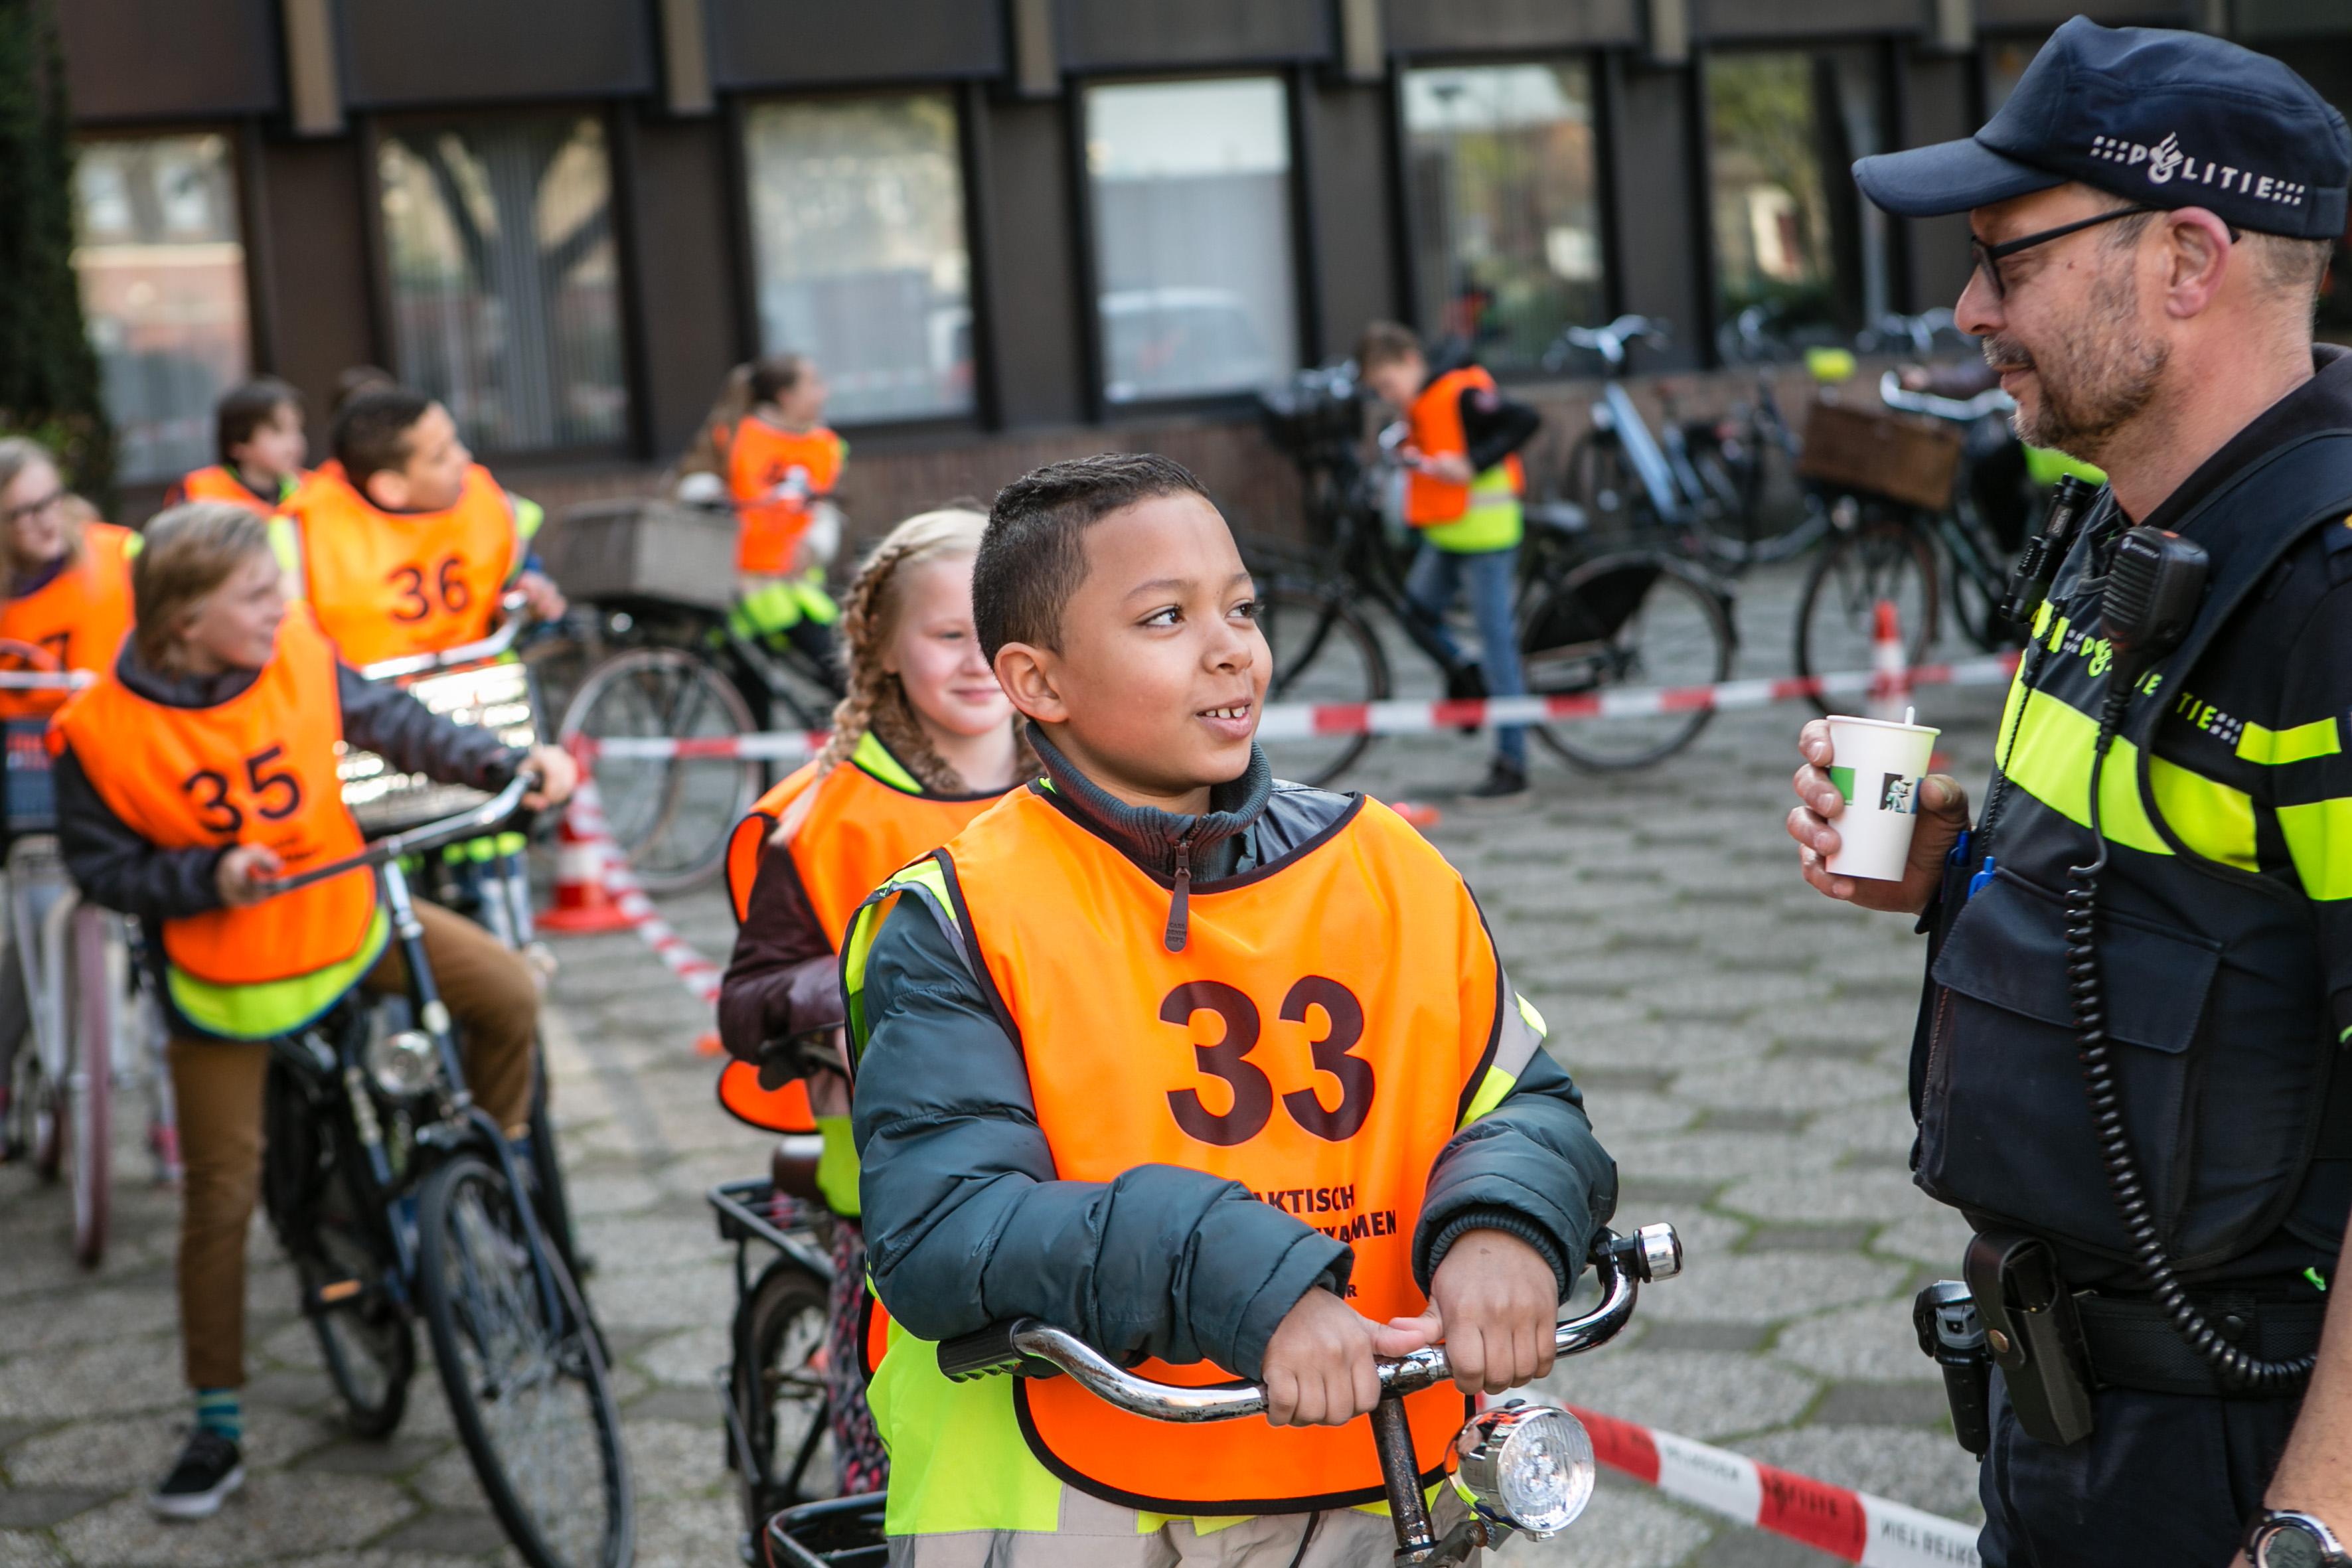 verkeersexamen foto eric van nieuwland 080003